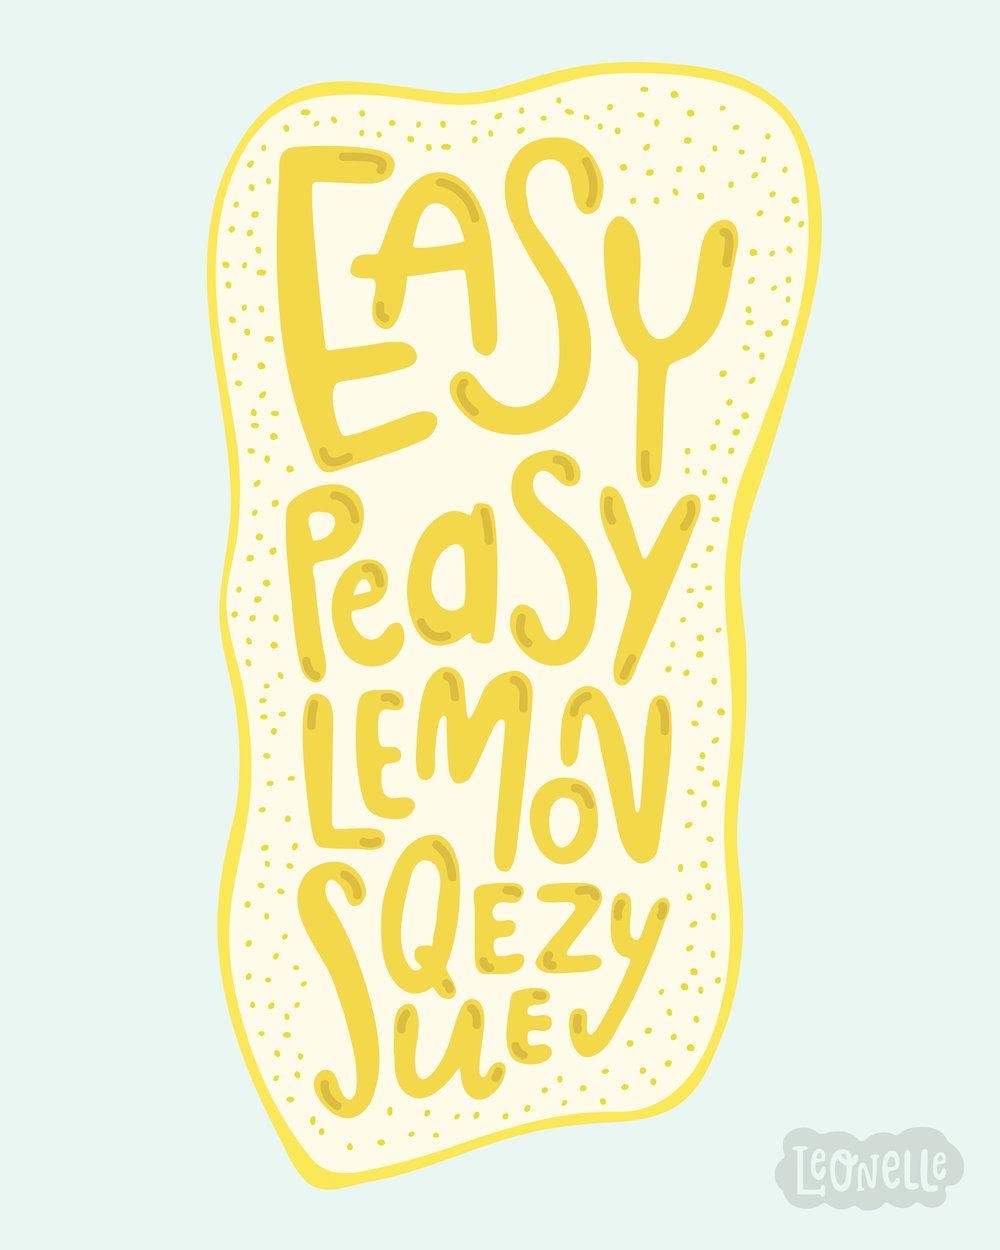 EasyPeasy.jpg